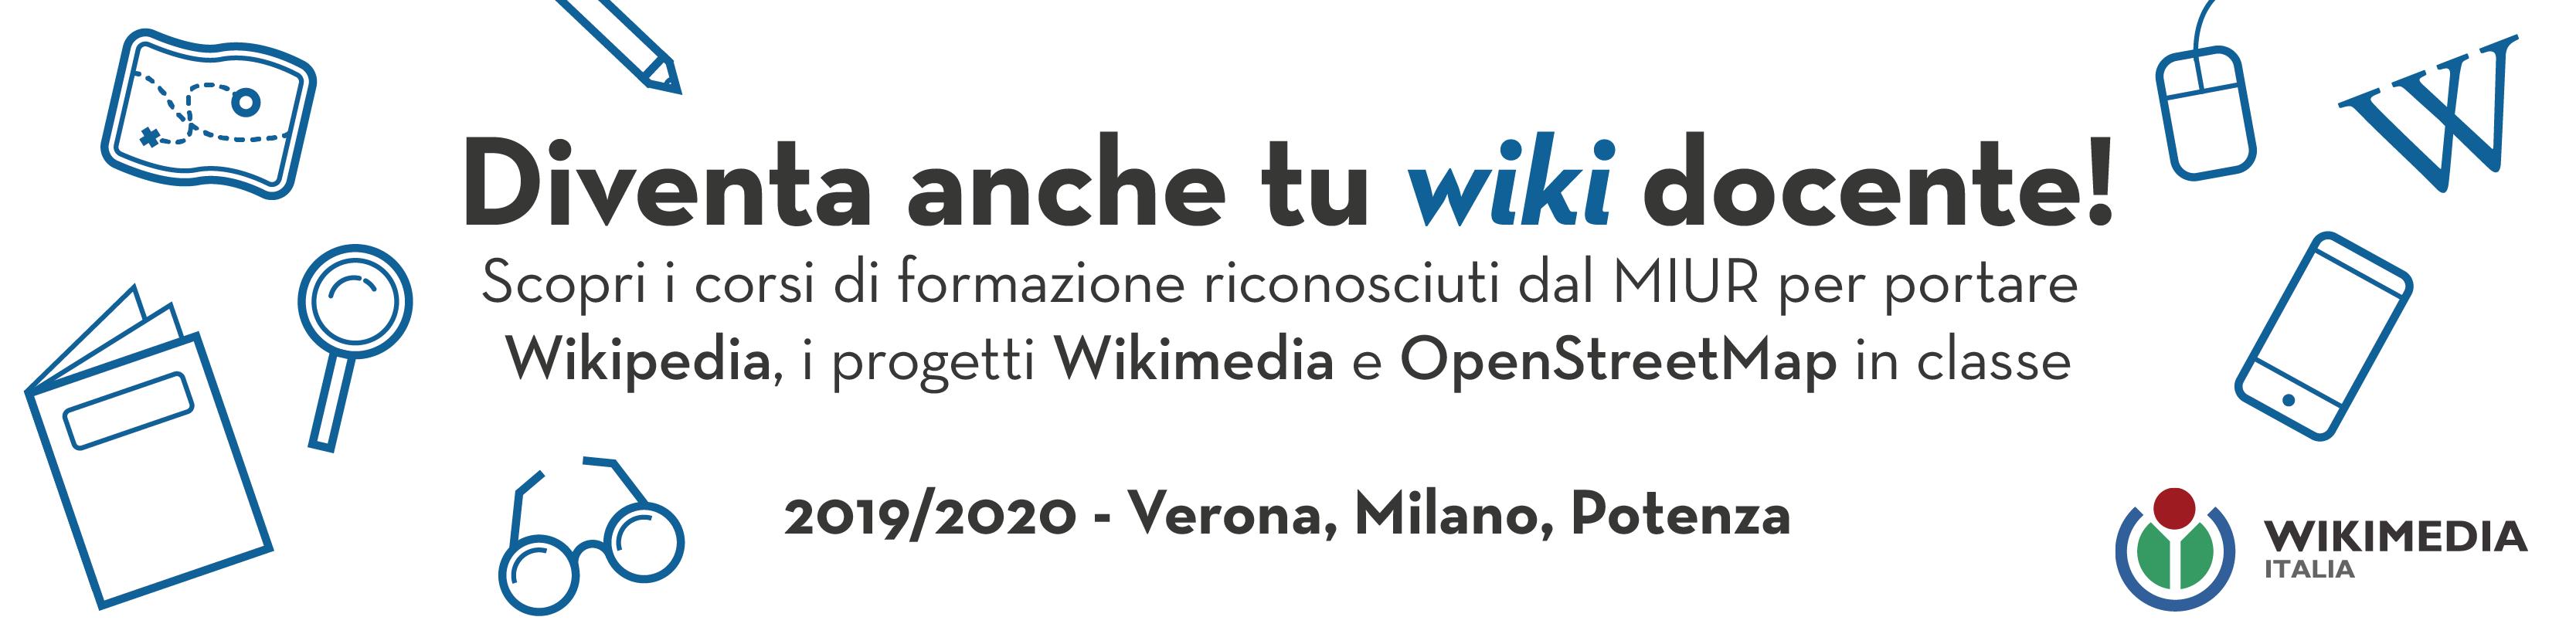 minisito_1600x400_wikidocente_2019